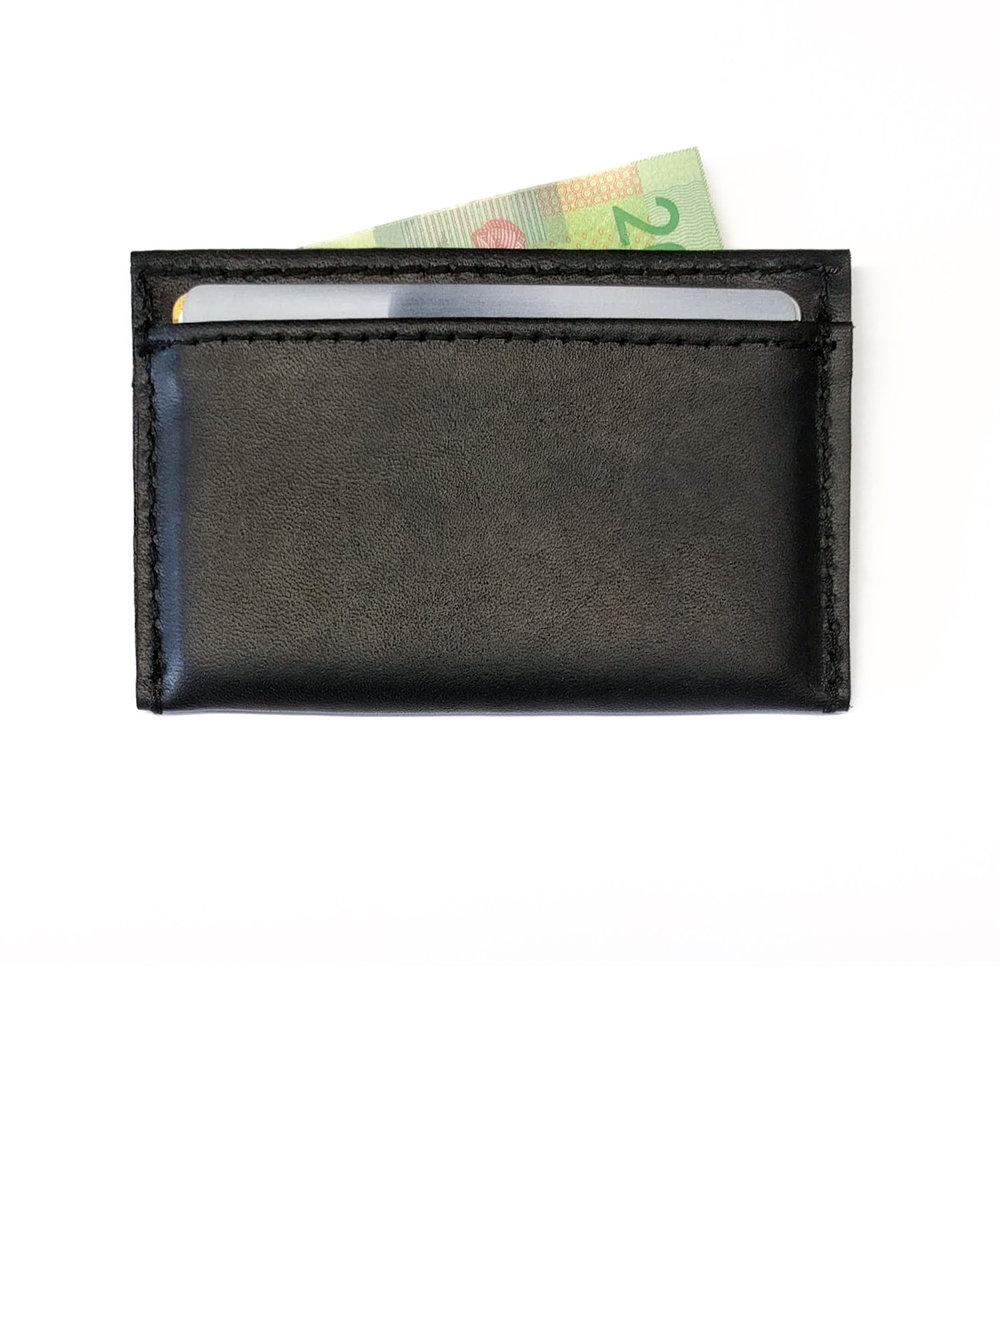 Porte-cartes en cuir - 30.00$